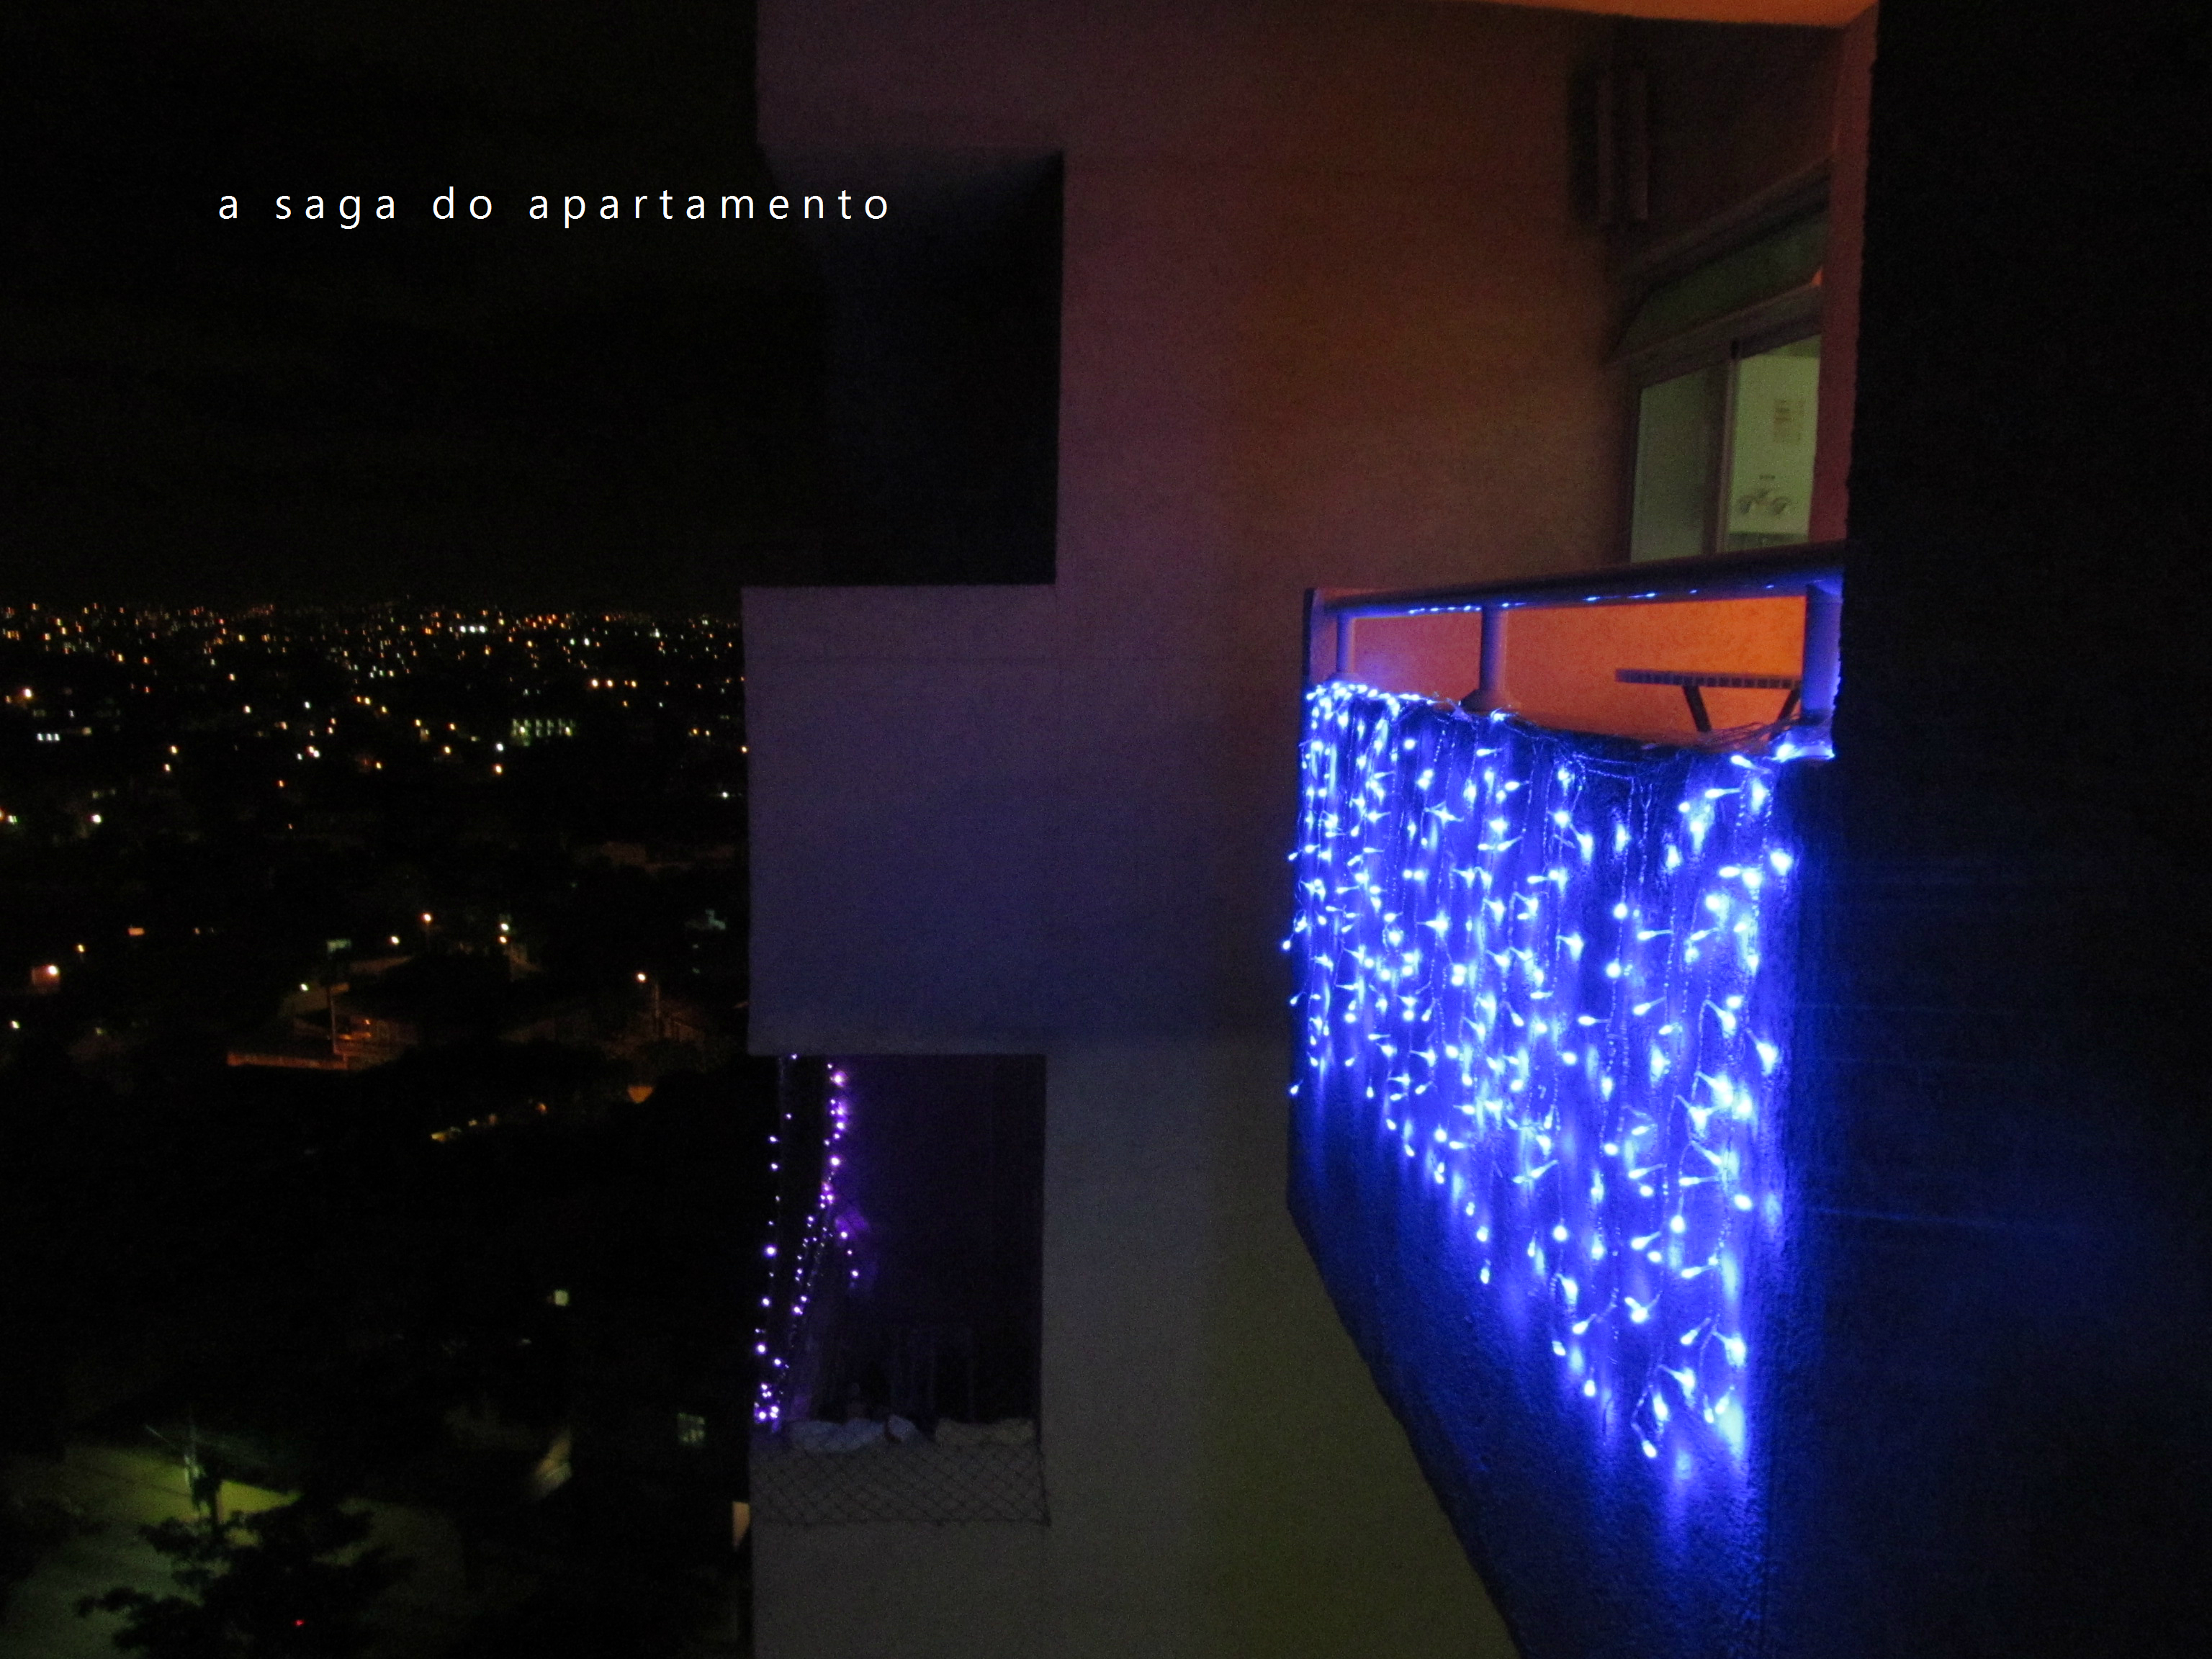 301 Moved Permanently #0527C6 3072x2304 Banheiro Com Luz Azul